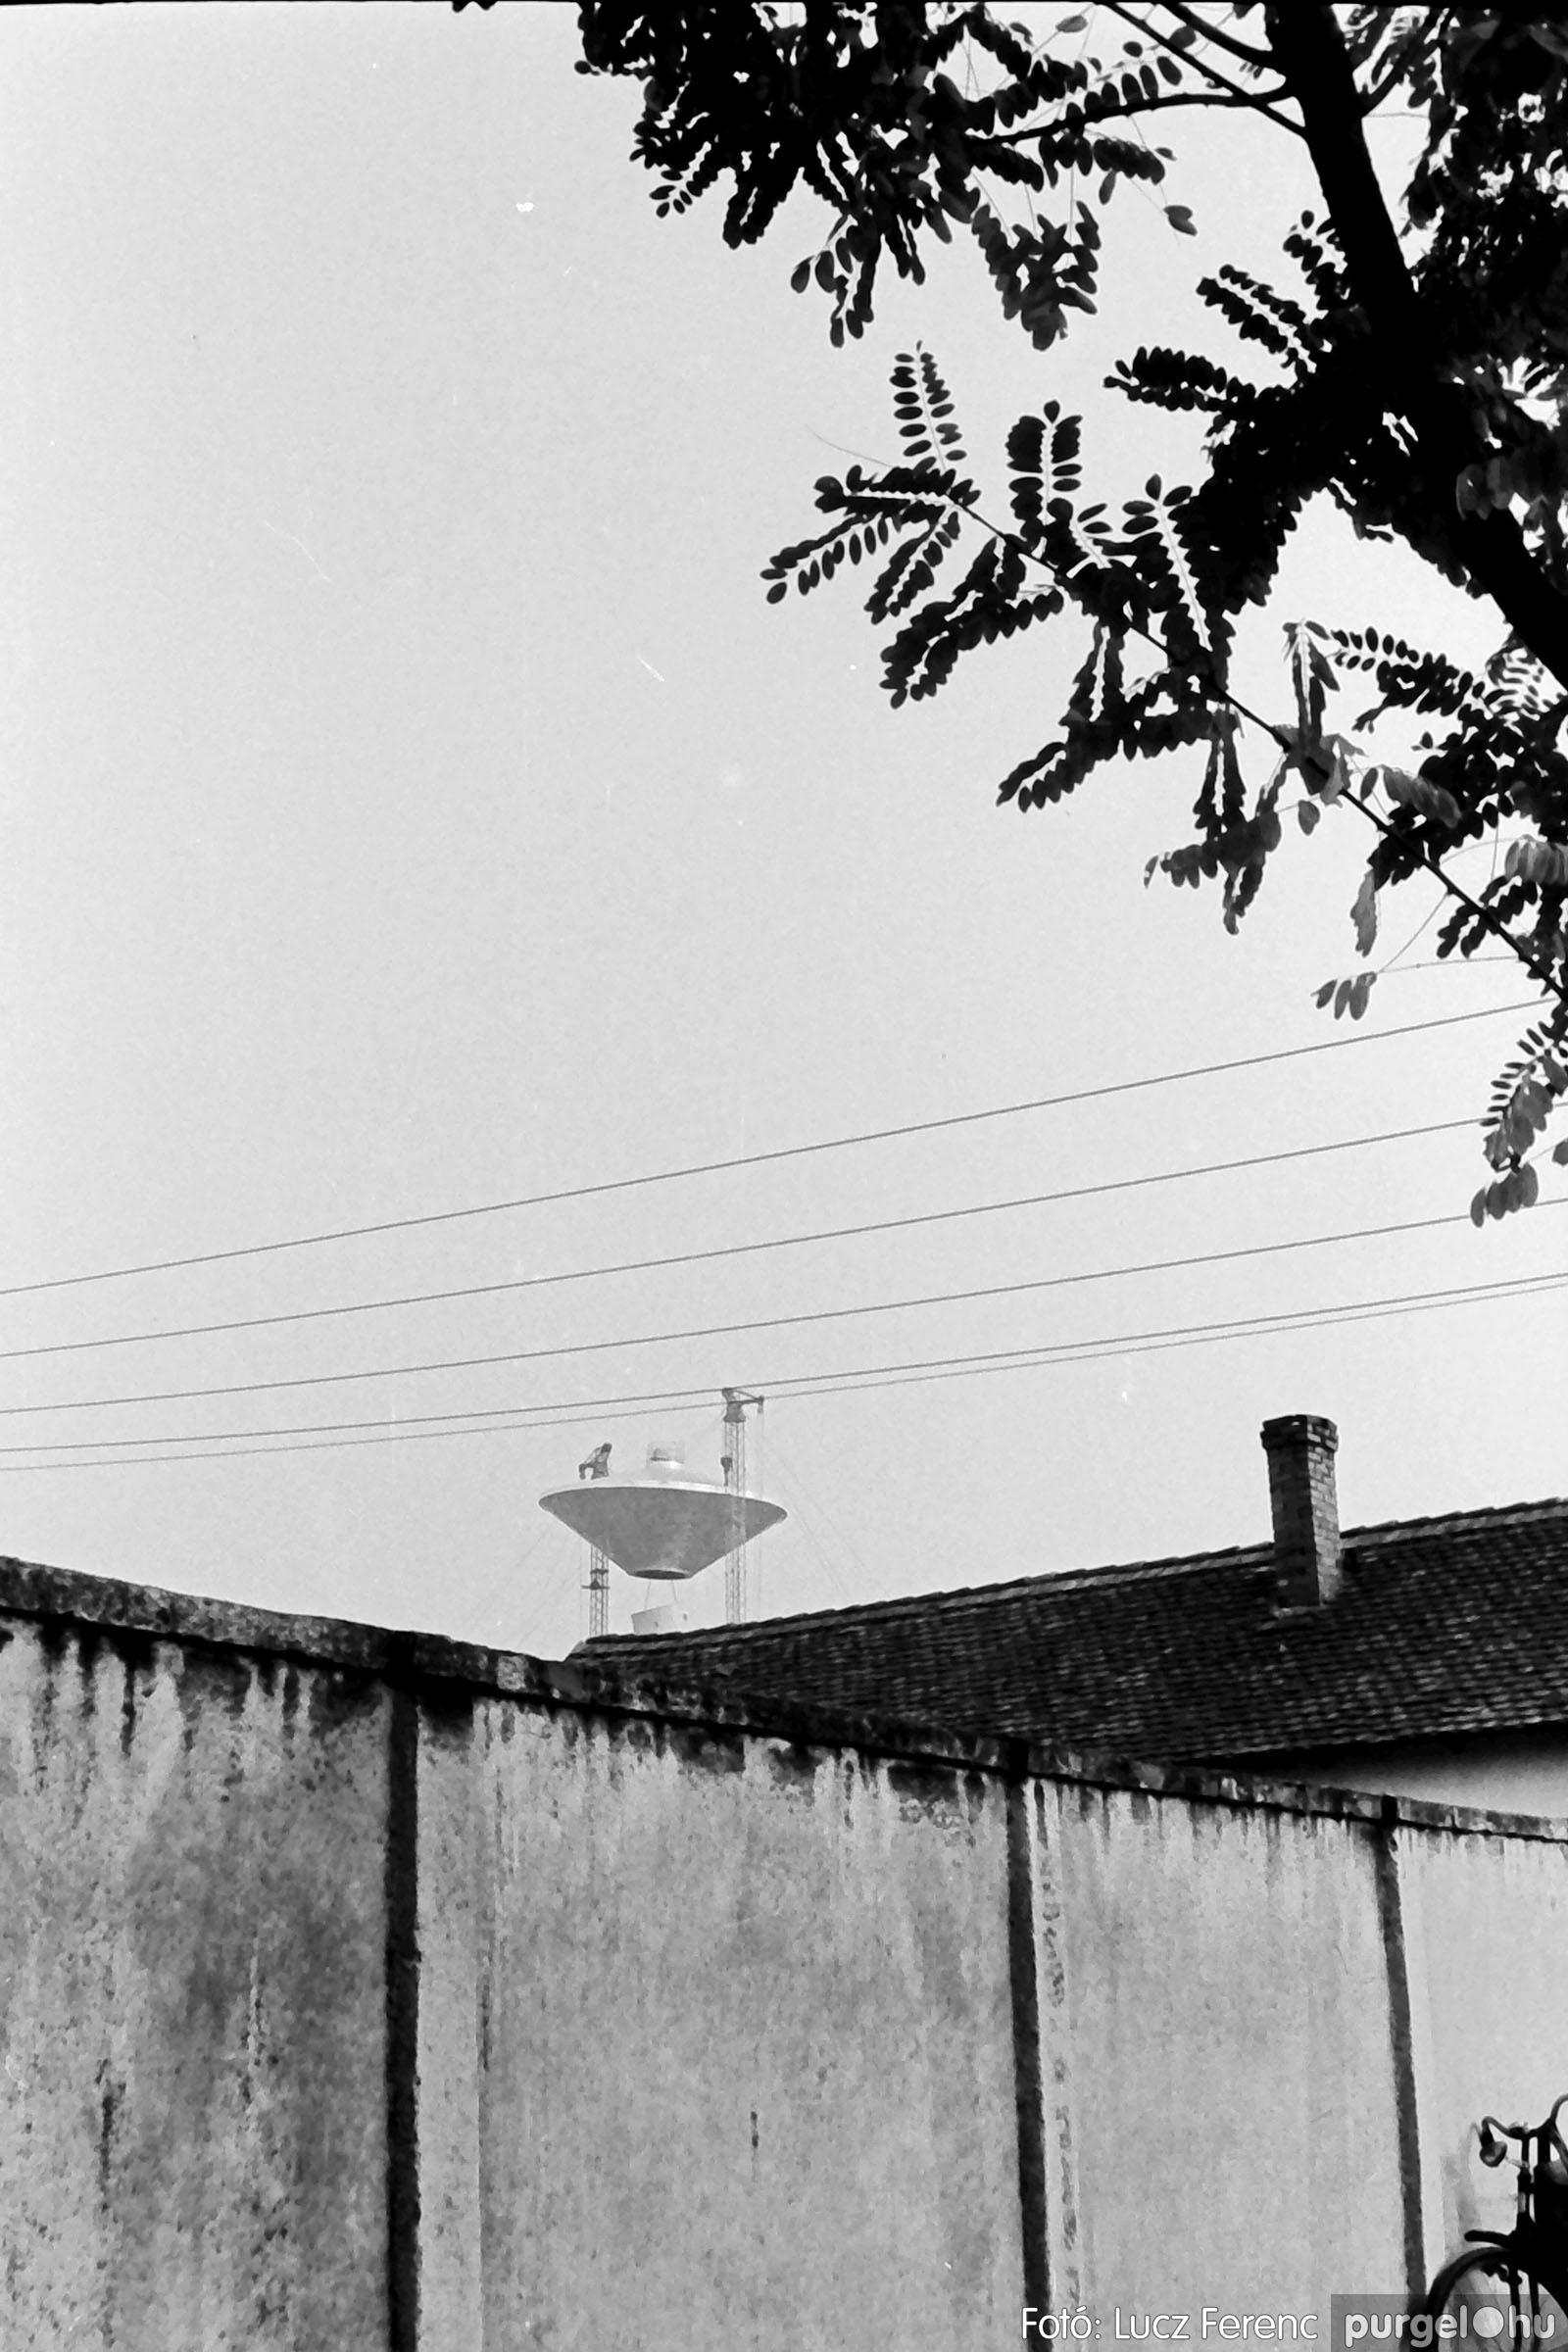 122A. 1978. Épül a víztorony 033. - Fotó: Lucz Ferenc.jpg